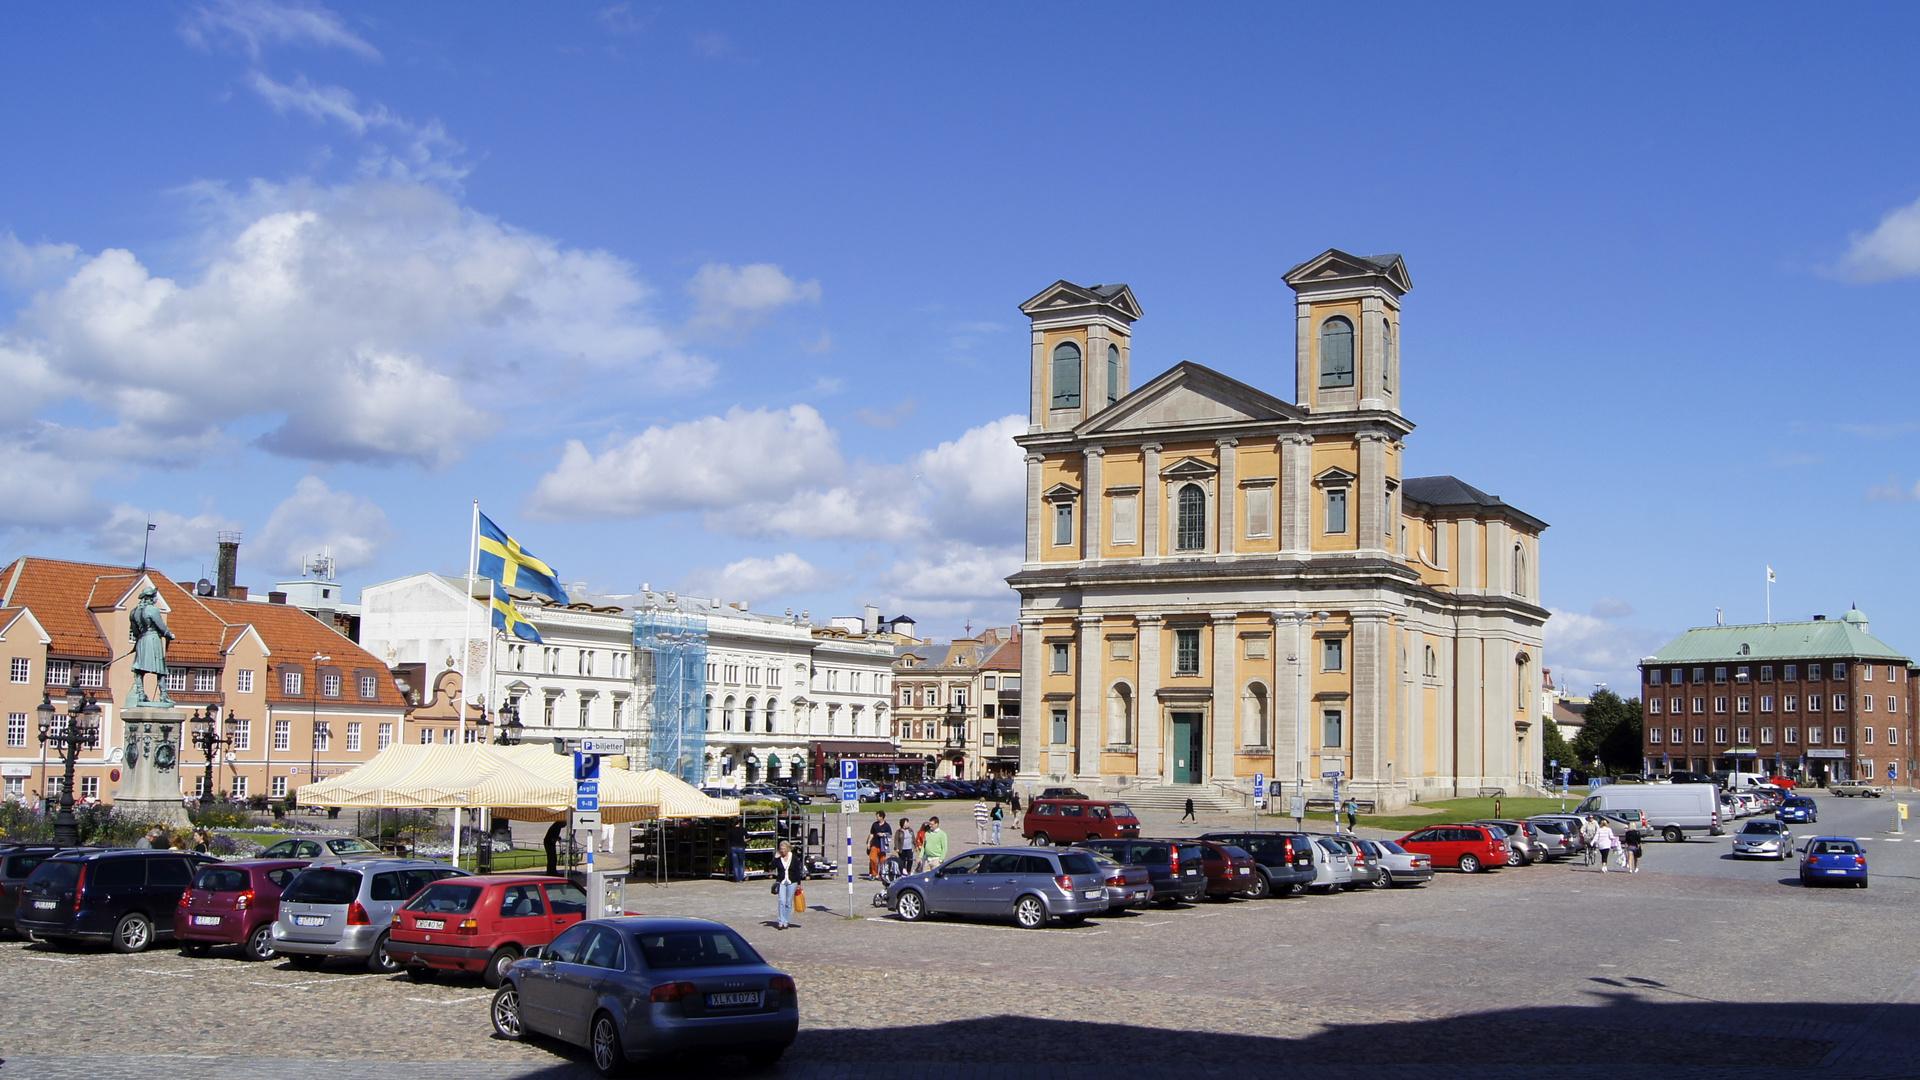 Fredrikskyrka